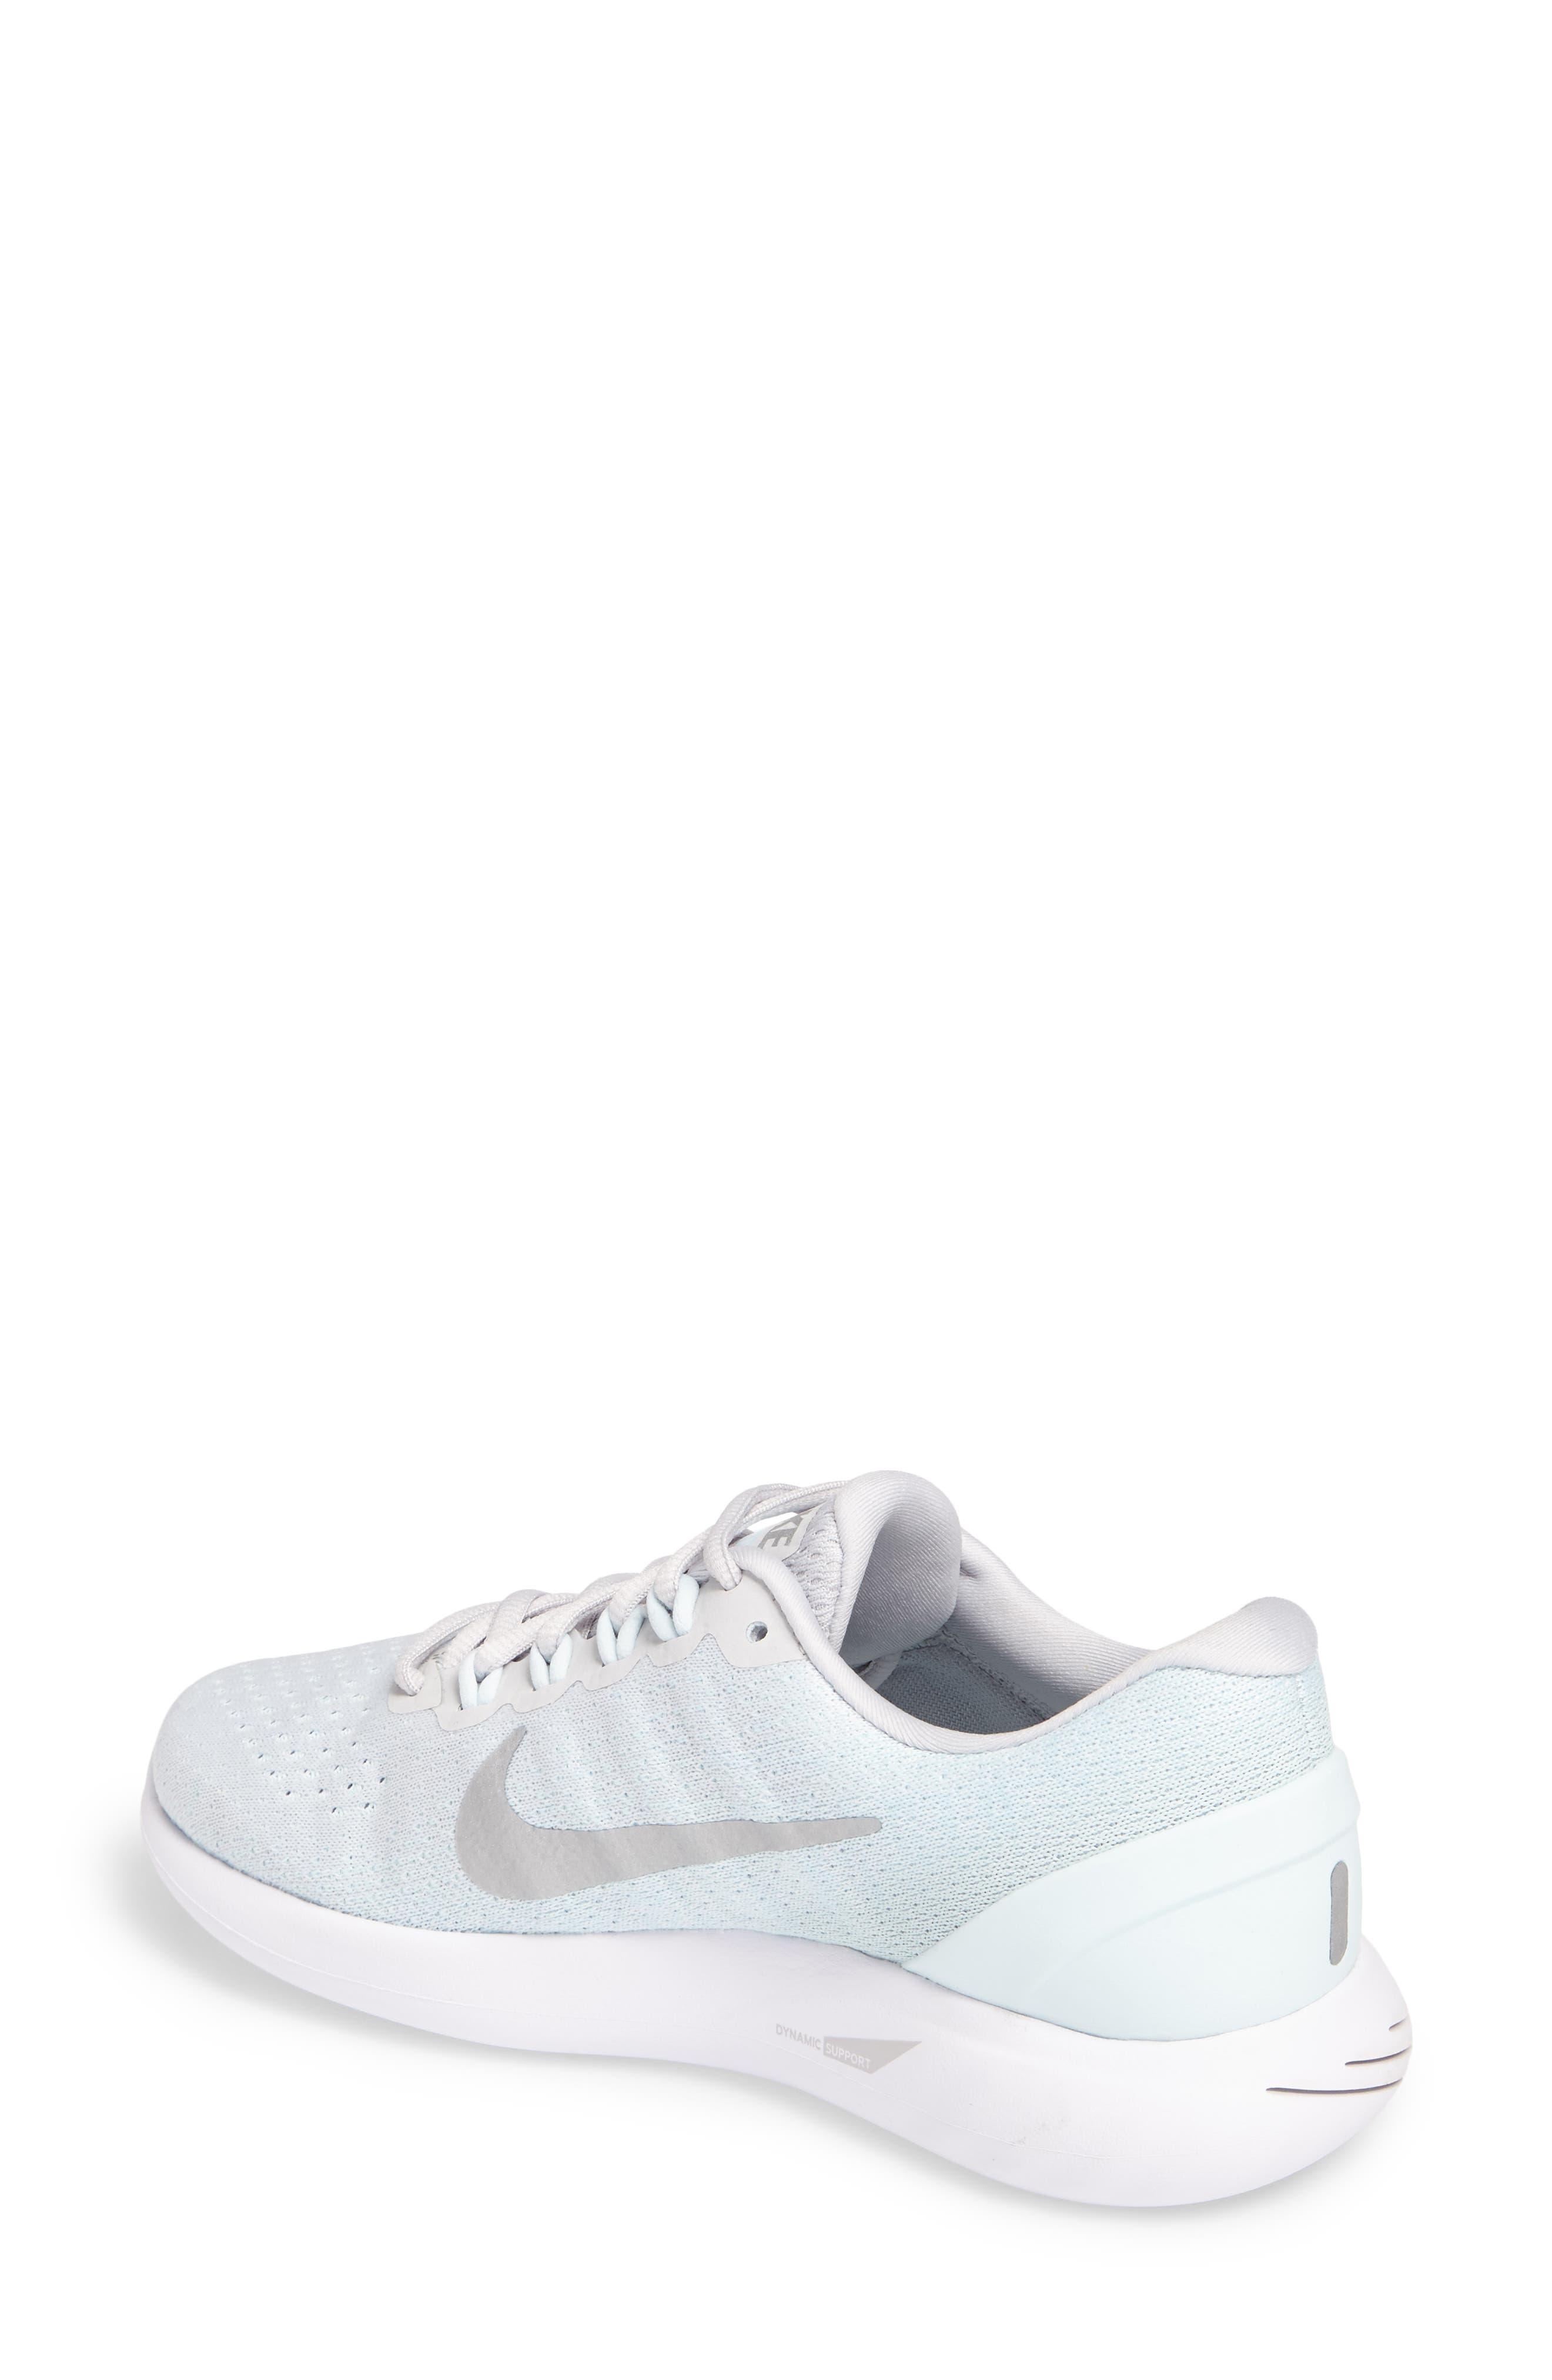 Alternate Image 2  - Nike LunarGlide 9 Running Shoe (Women)